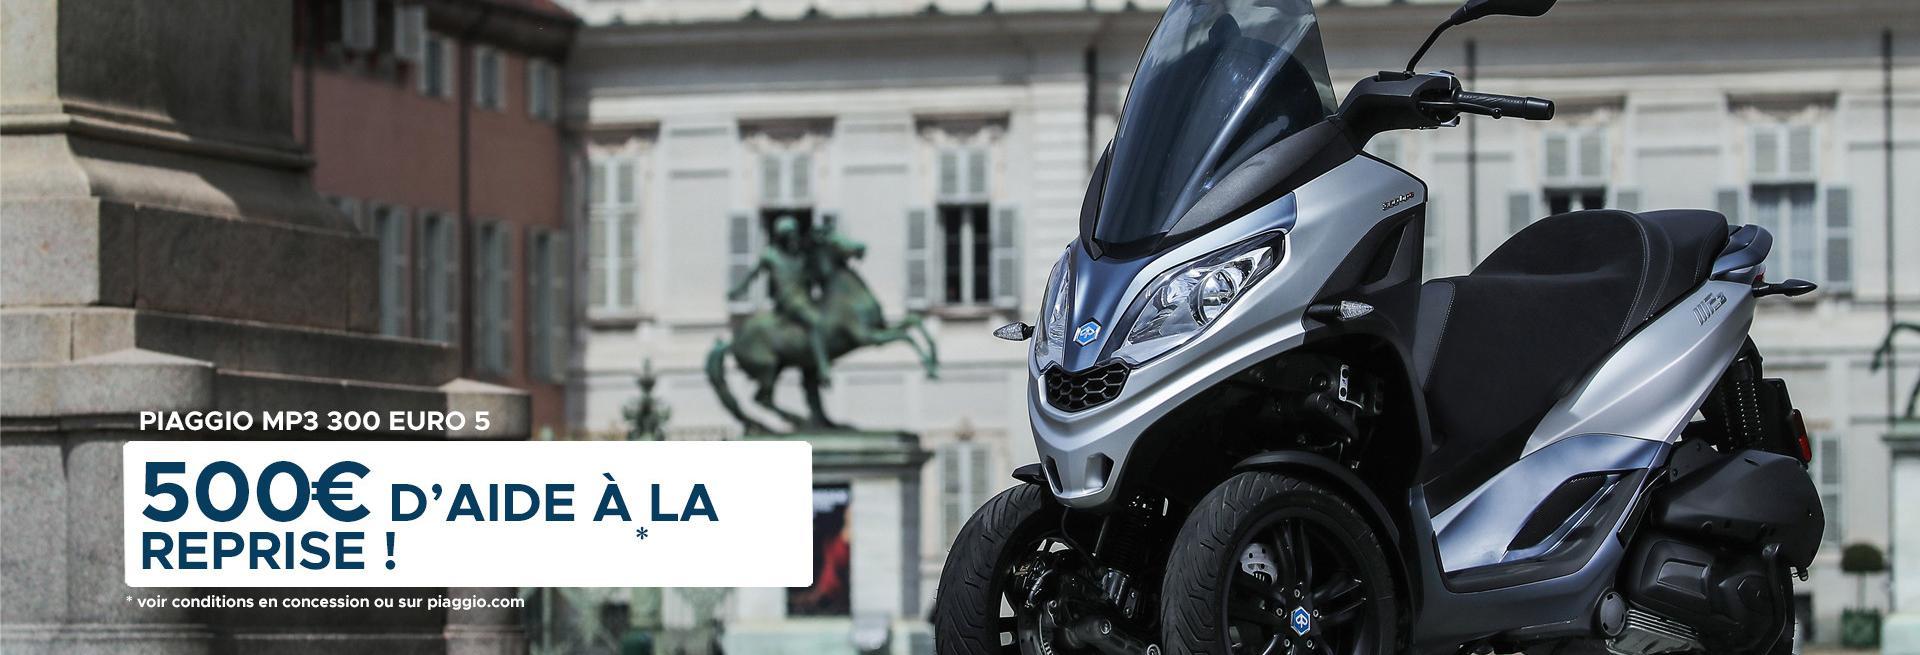 FD MOTO SPORT concessionnaire Piaggio, Vespa, Gilera